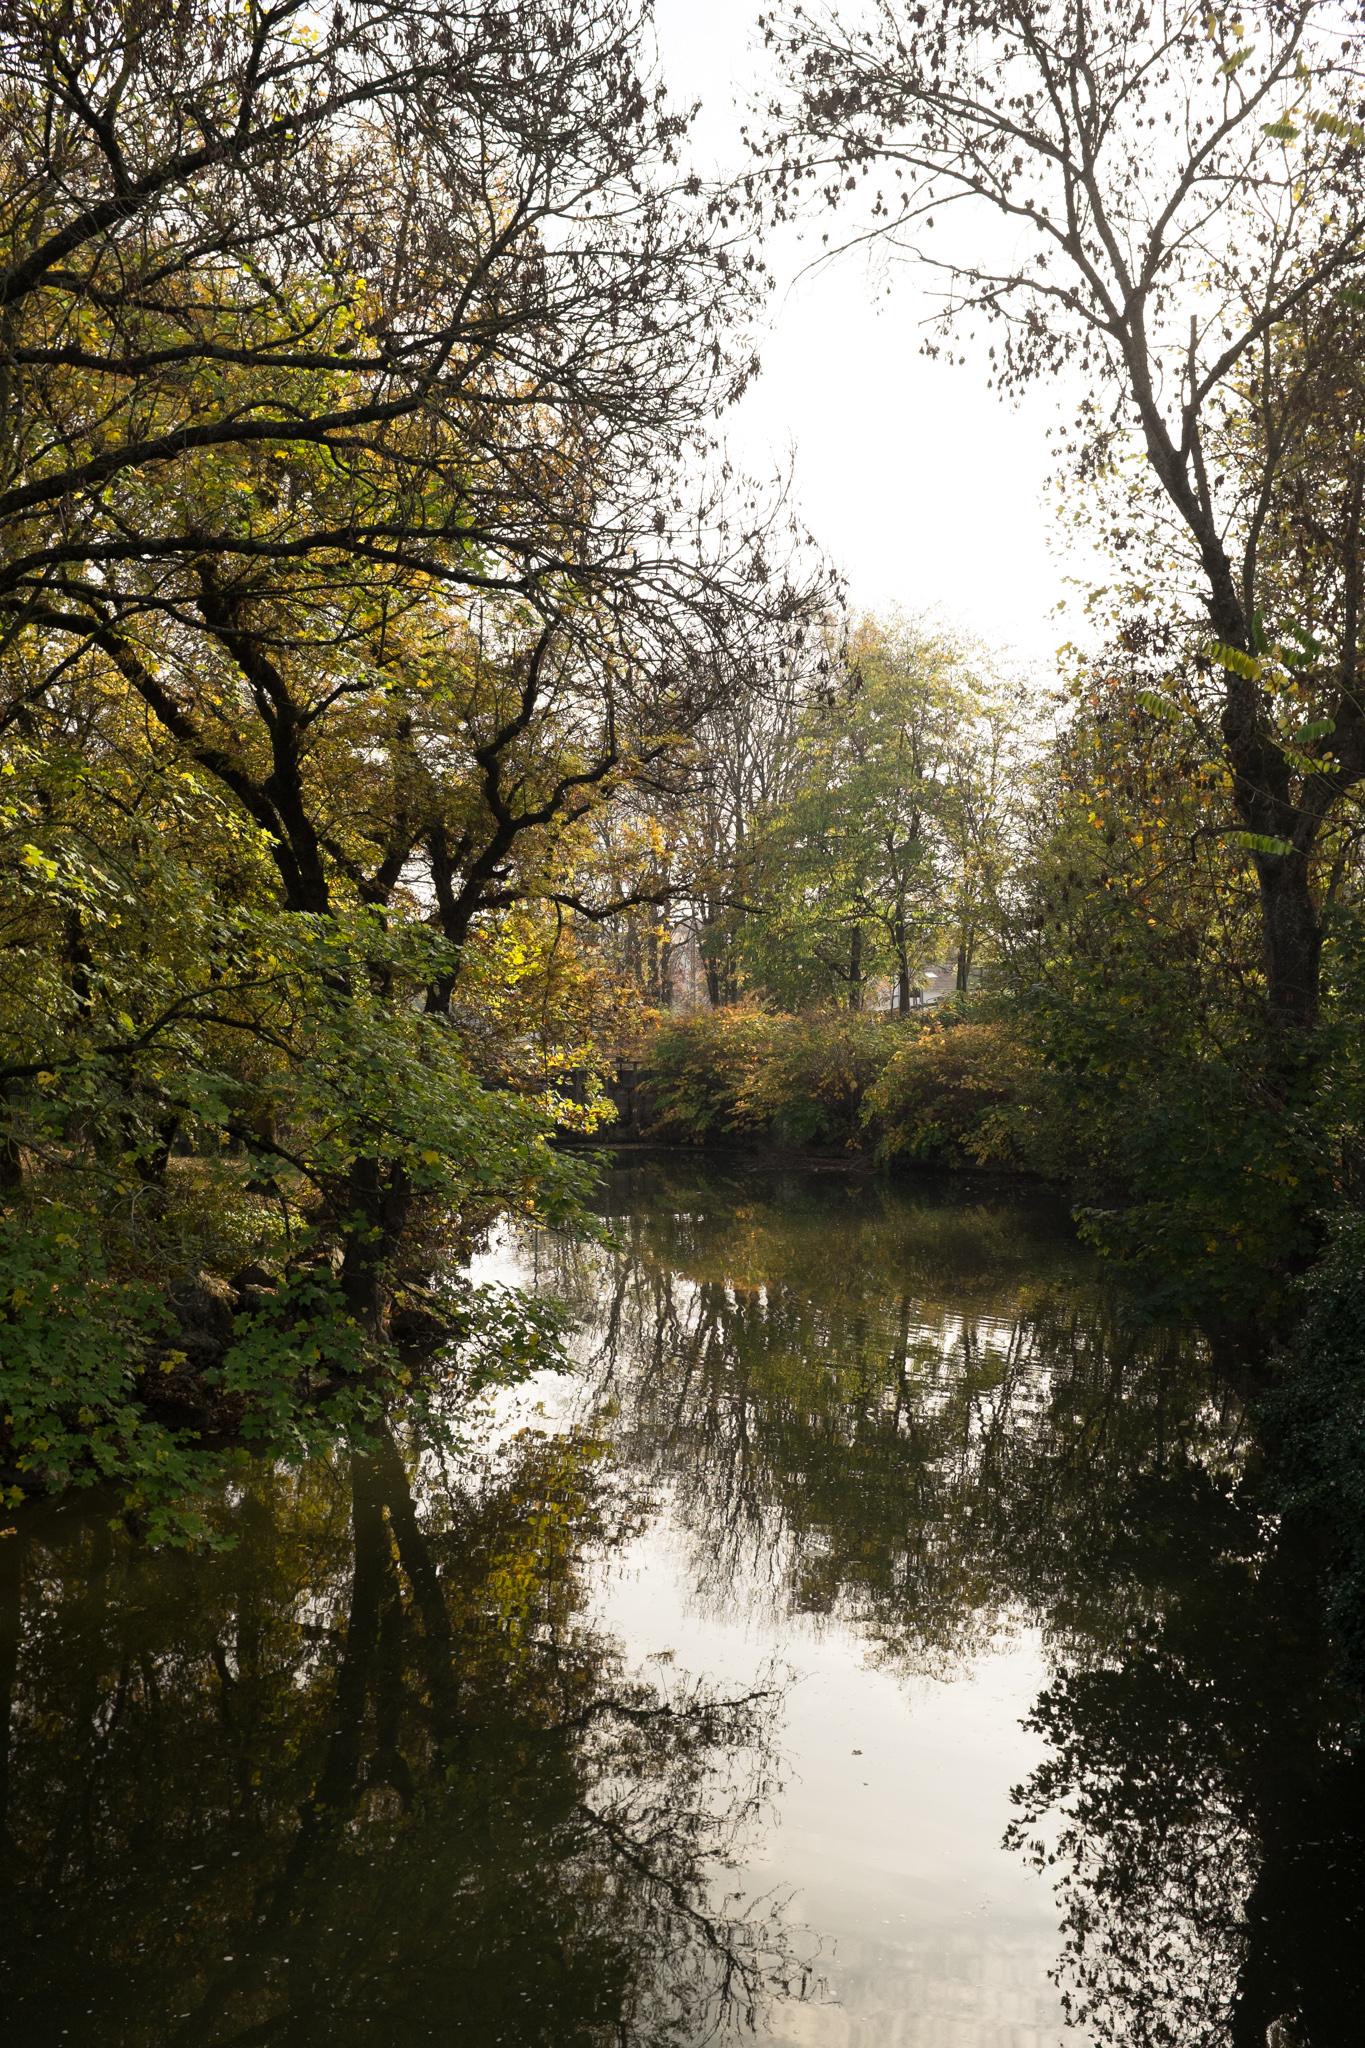 5902-nature-dijon-bourgogne.jpg